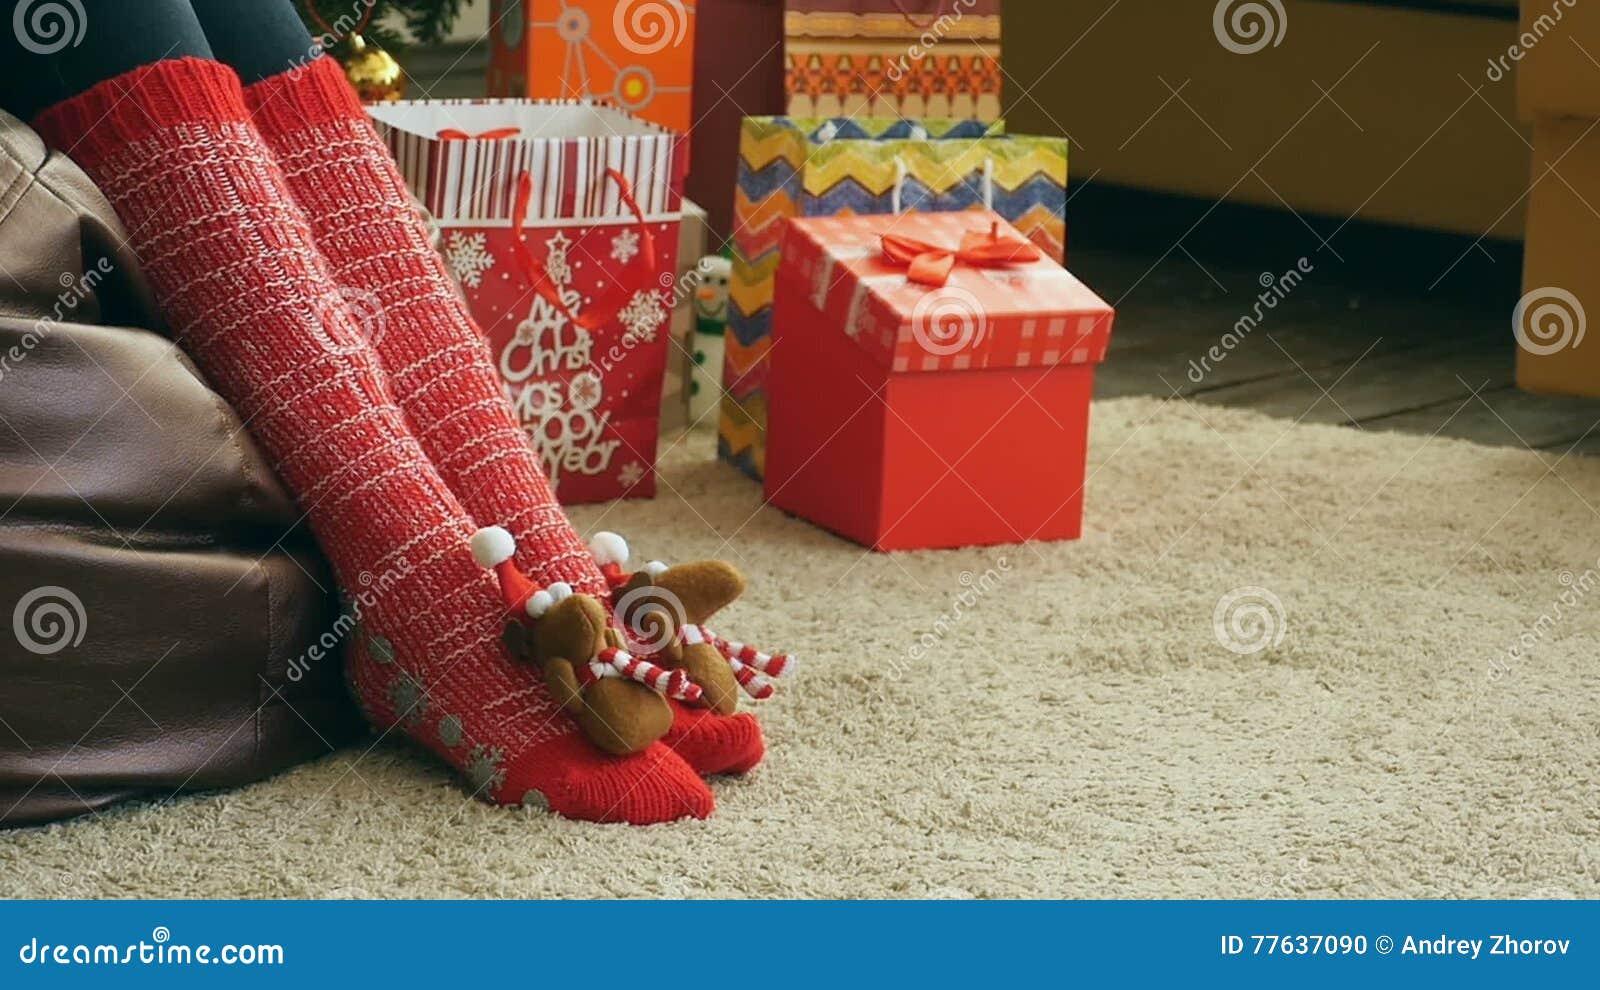 funny christmas socks stock footage image of cloth girl 77637090 - Funny Christmas Socks